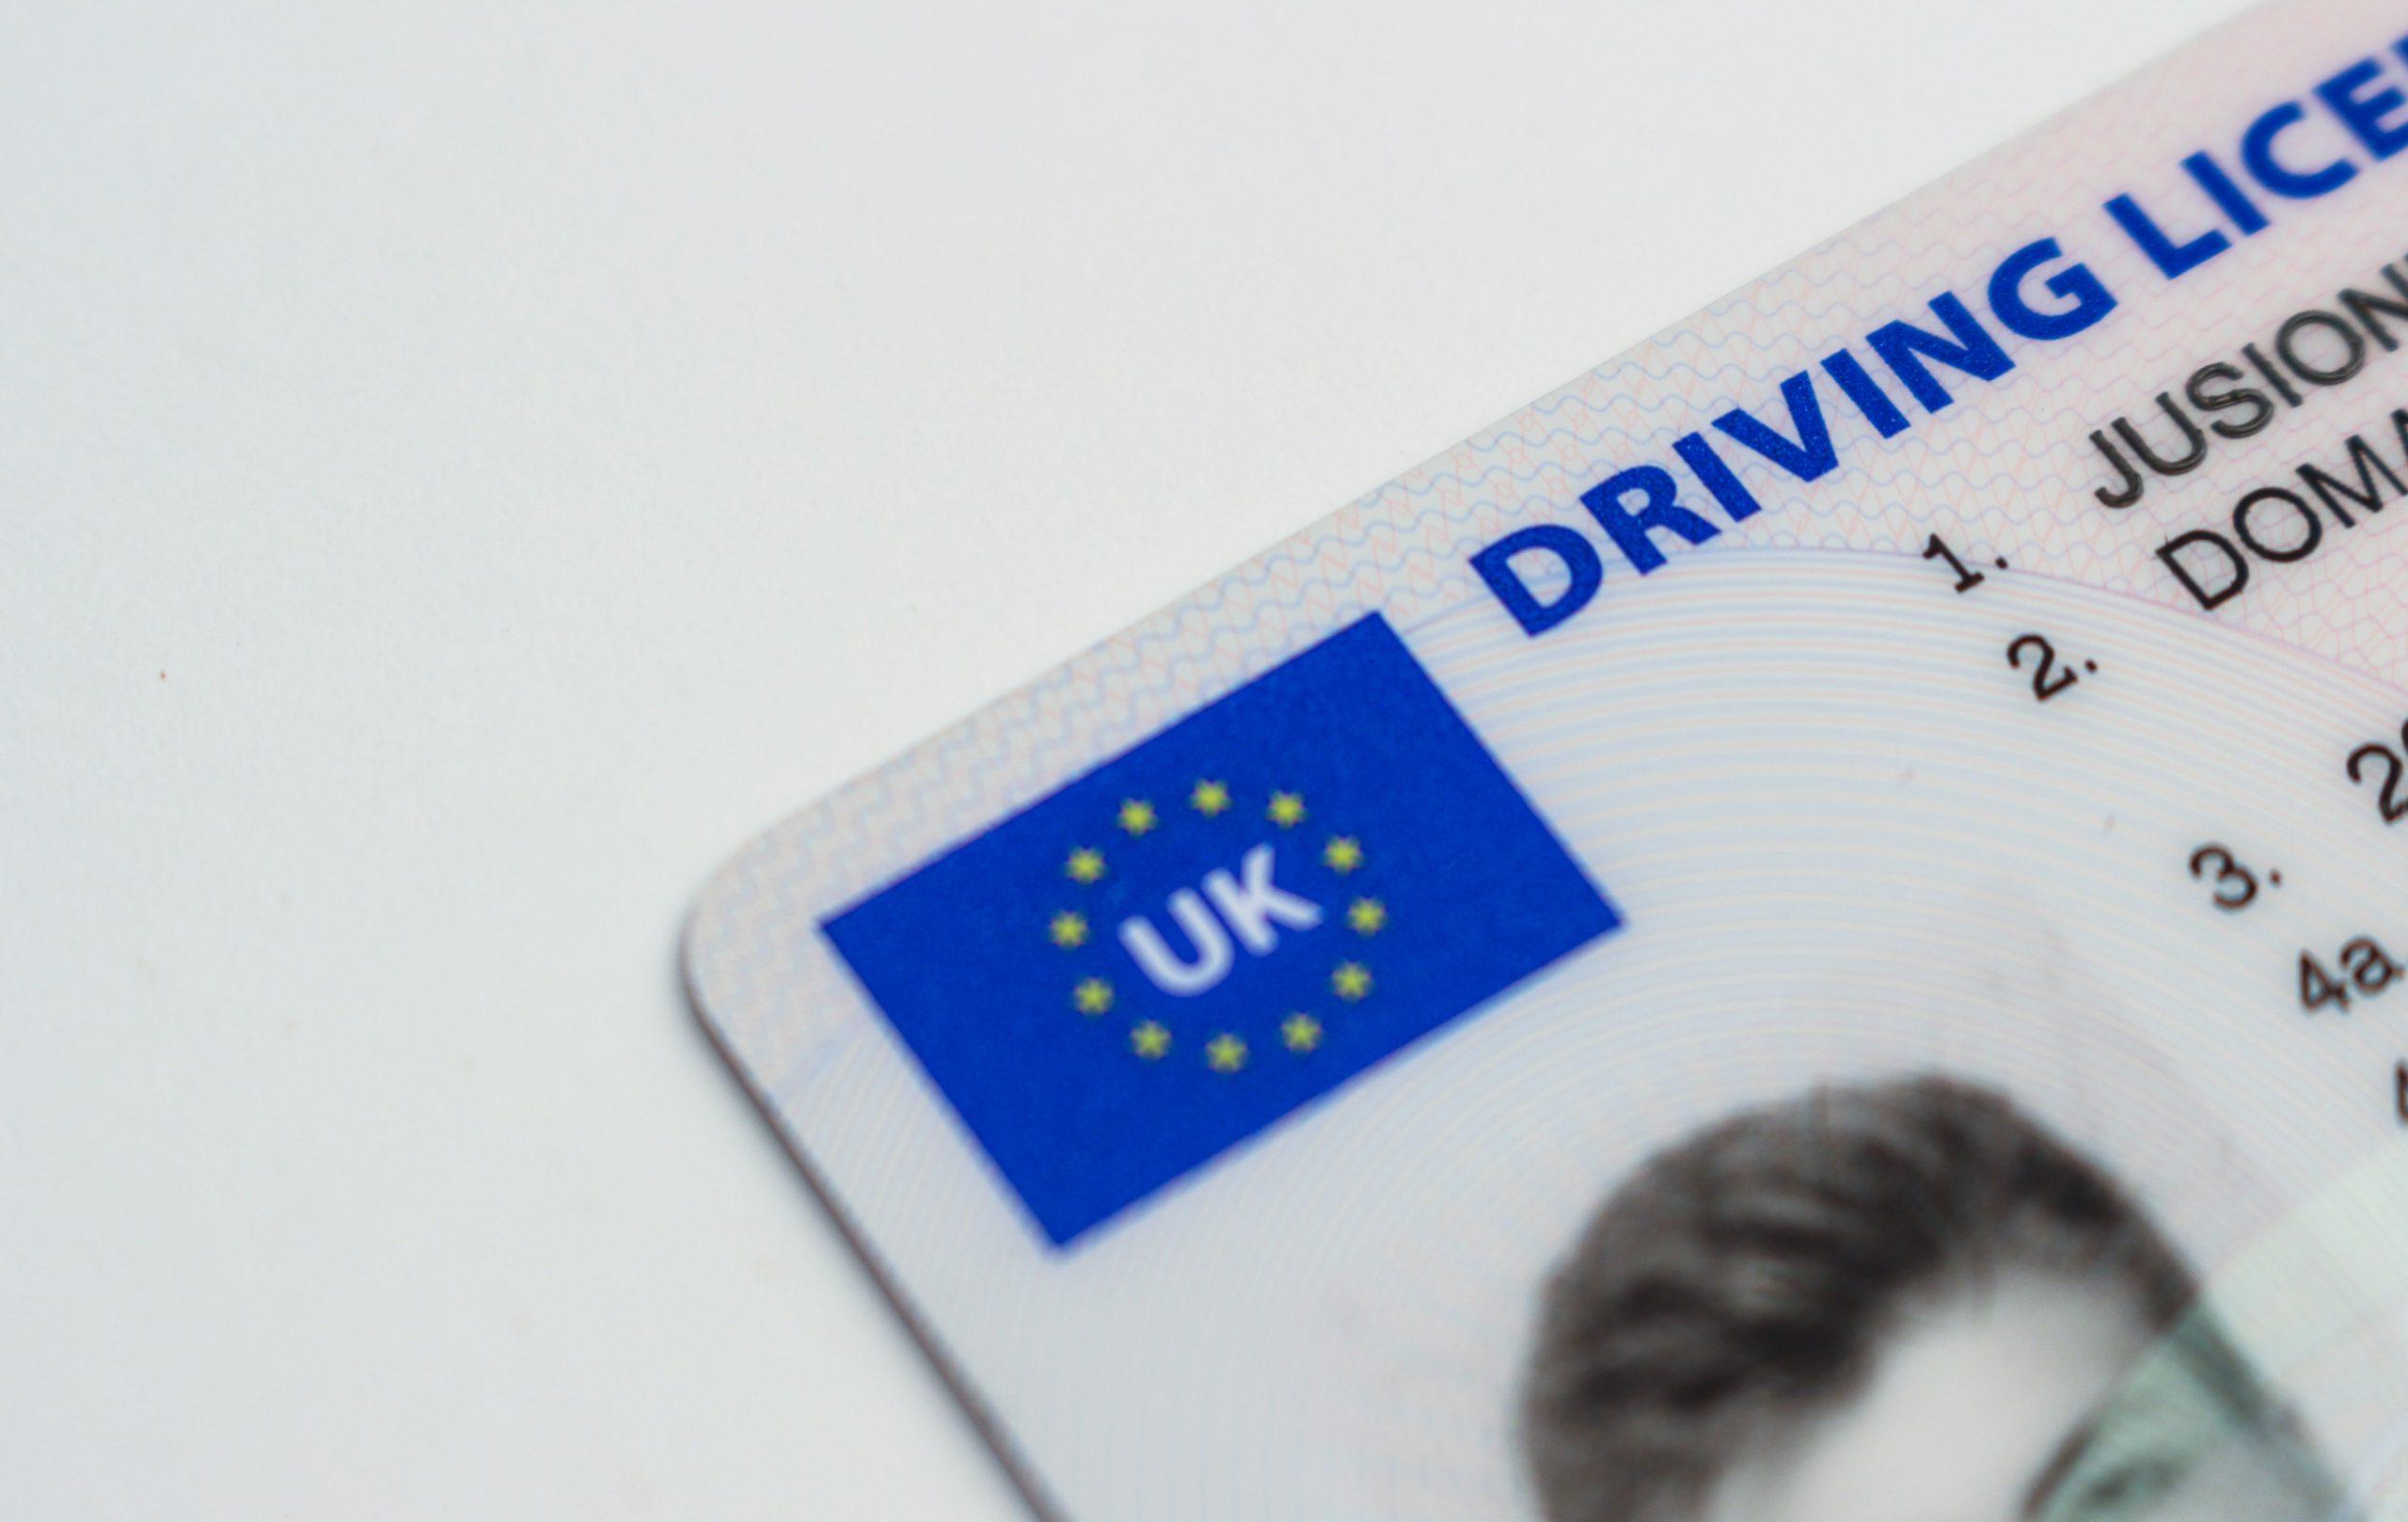 Geslaagd voor rijbewijs cadeau